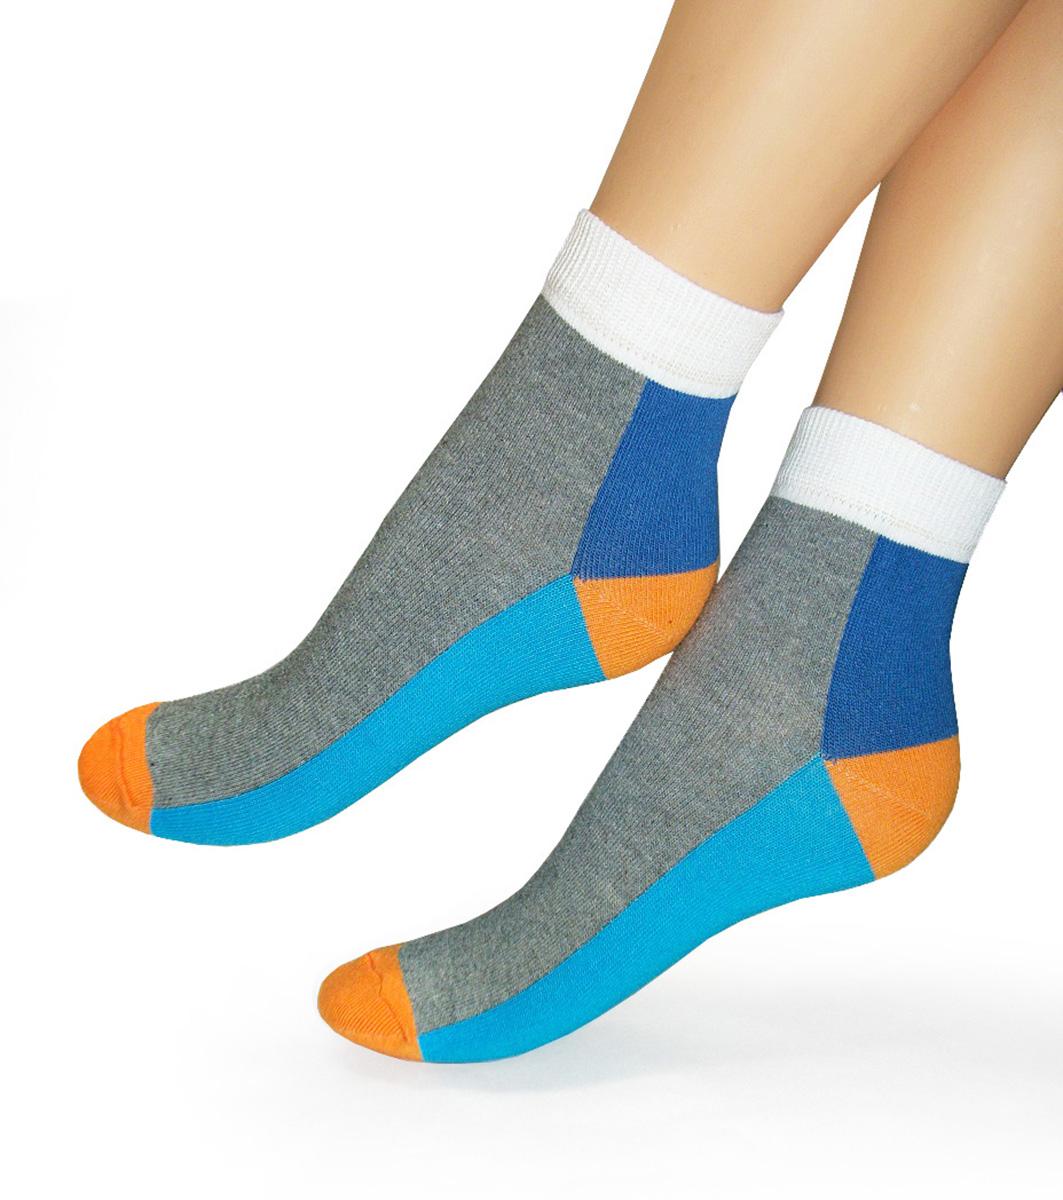 Носки251Удобные женские носочки Touch Gold для занятий спортом. Модель, закрывающая щиколотку. Носочки с ярким геометрическим рисунком изготовлены из лучших сортов хлопка с добавлением эластановых волокон, которые обеспечивают повышенную износостойкость, превосходную посадку и позволяют вашим ножкам дышать.